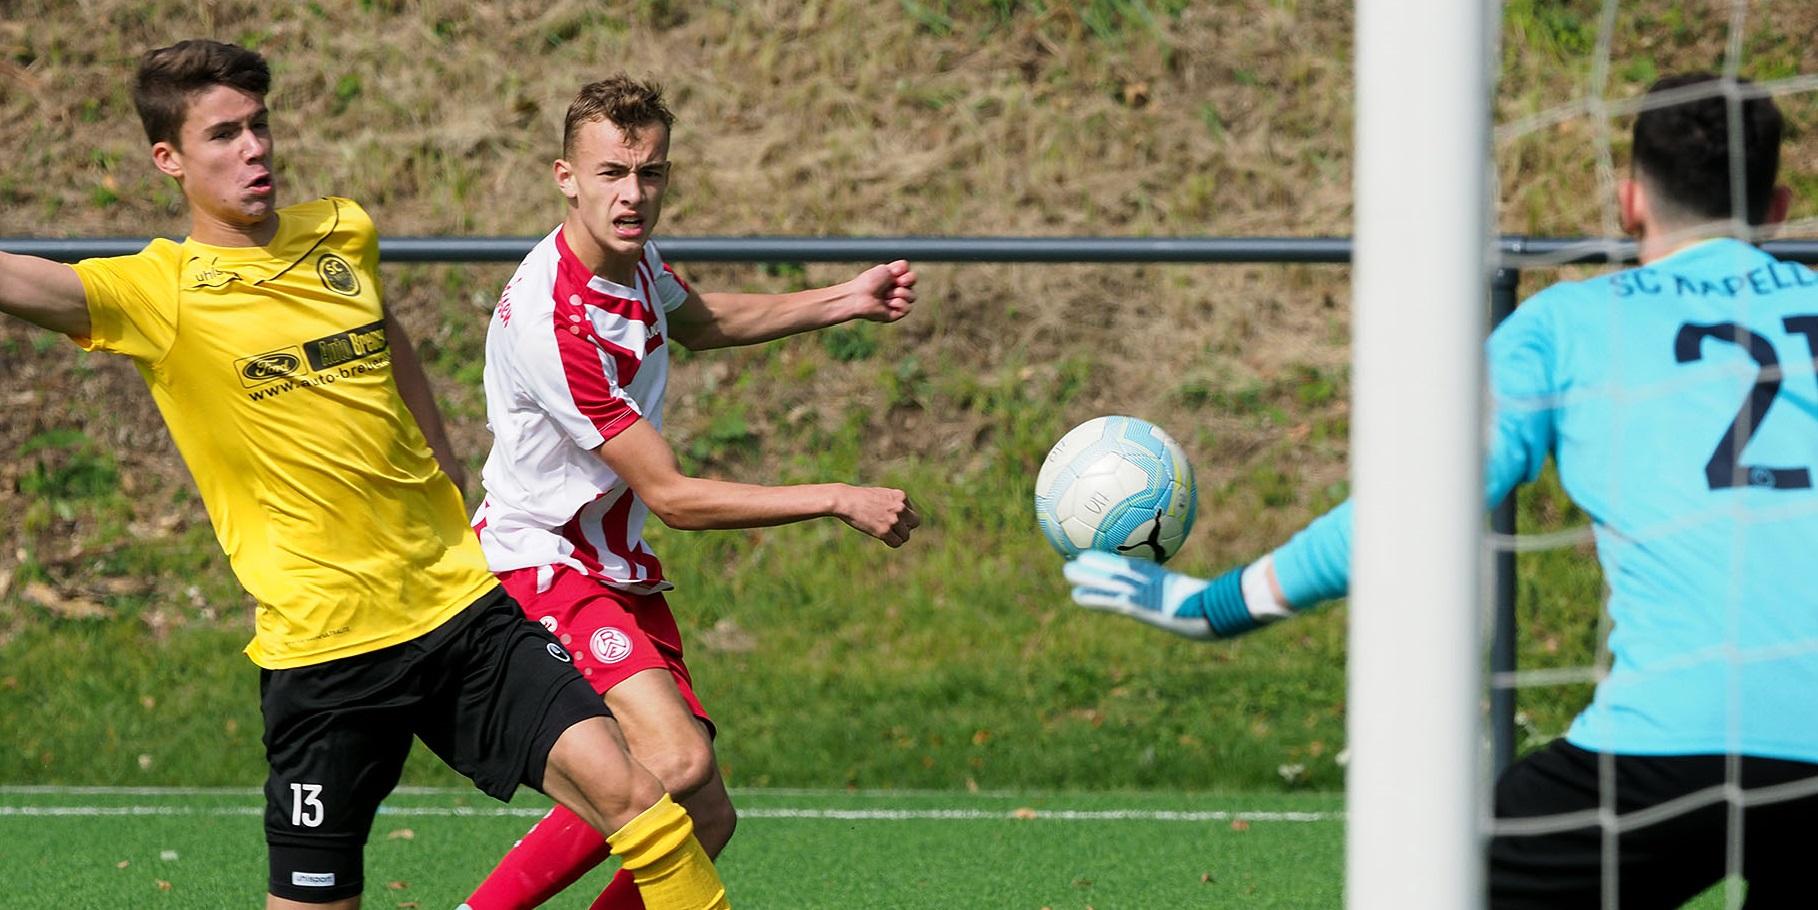 Die rot-weisse U17 konnte gegen die zuvor ungeschlagene U16 von Borussia Mönchengladbach mit 2:0 gewinnen.